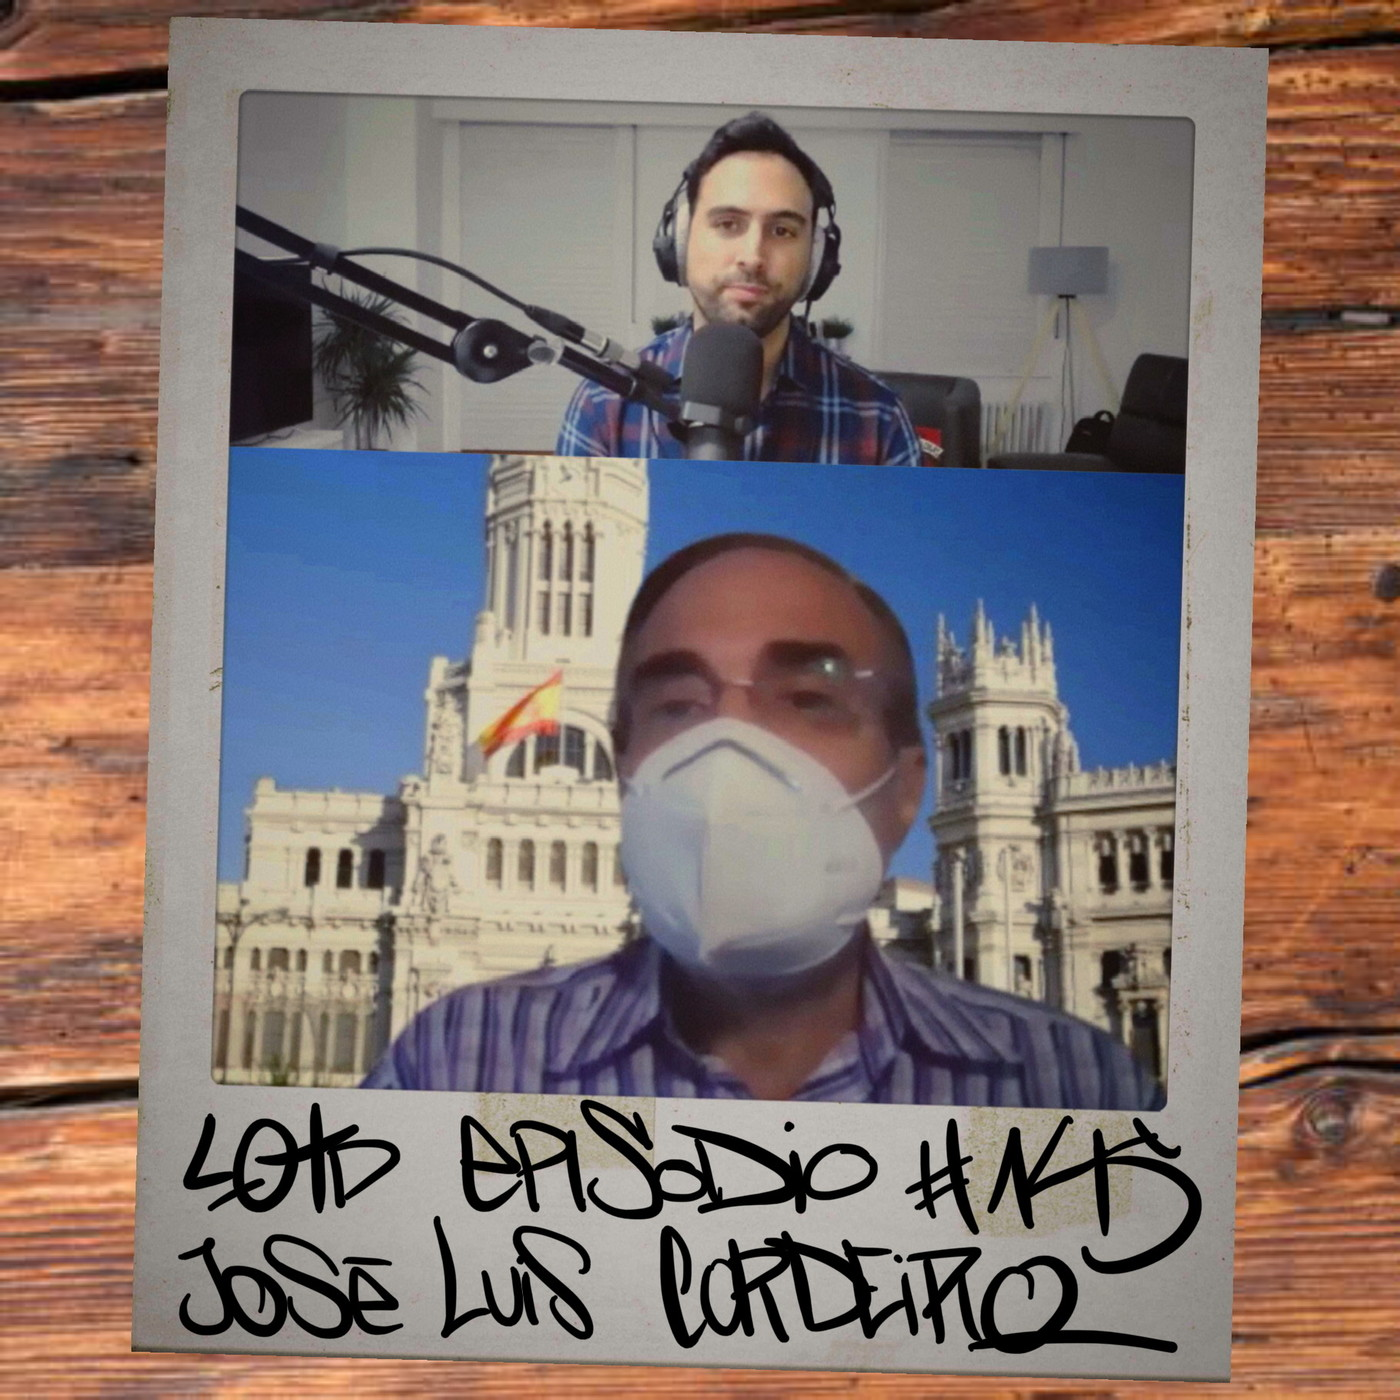 #145: José Luis Cordeiro - No voy a morir